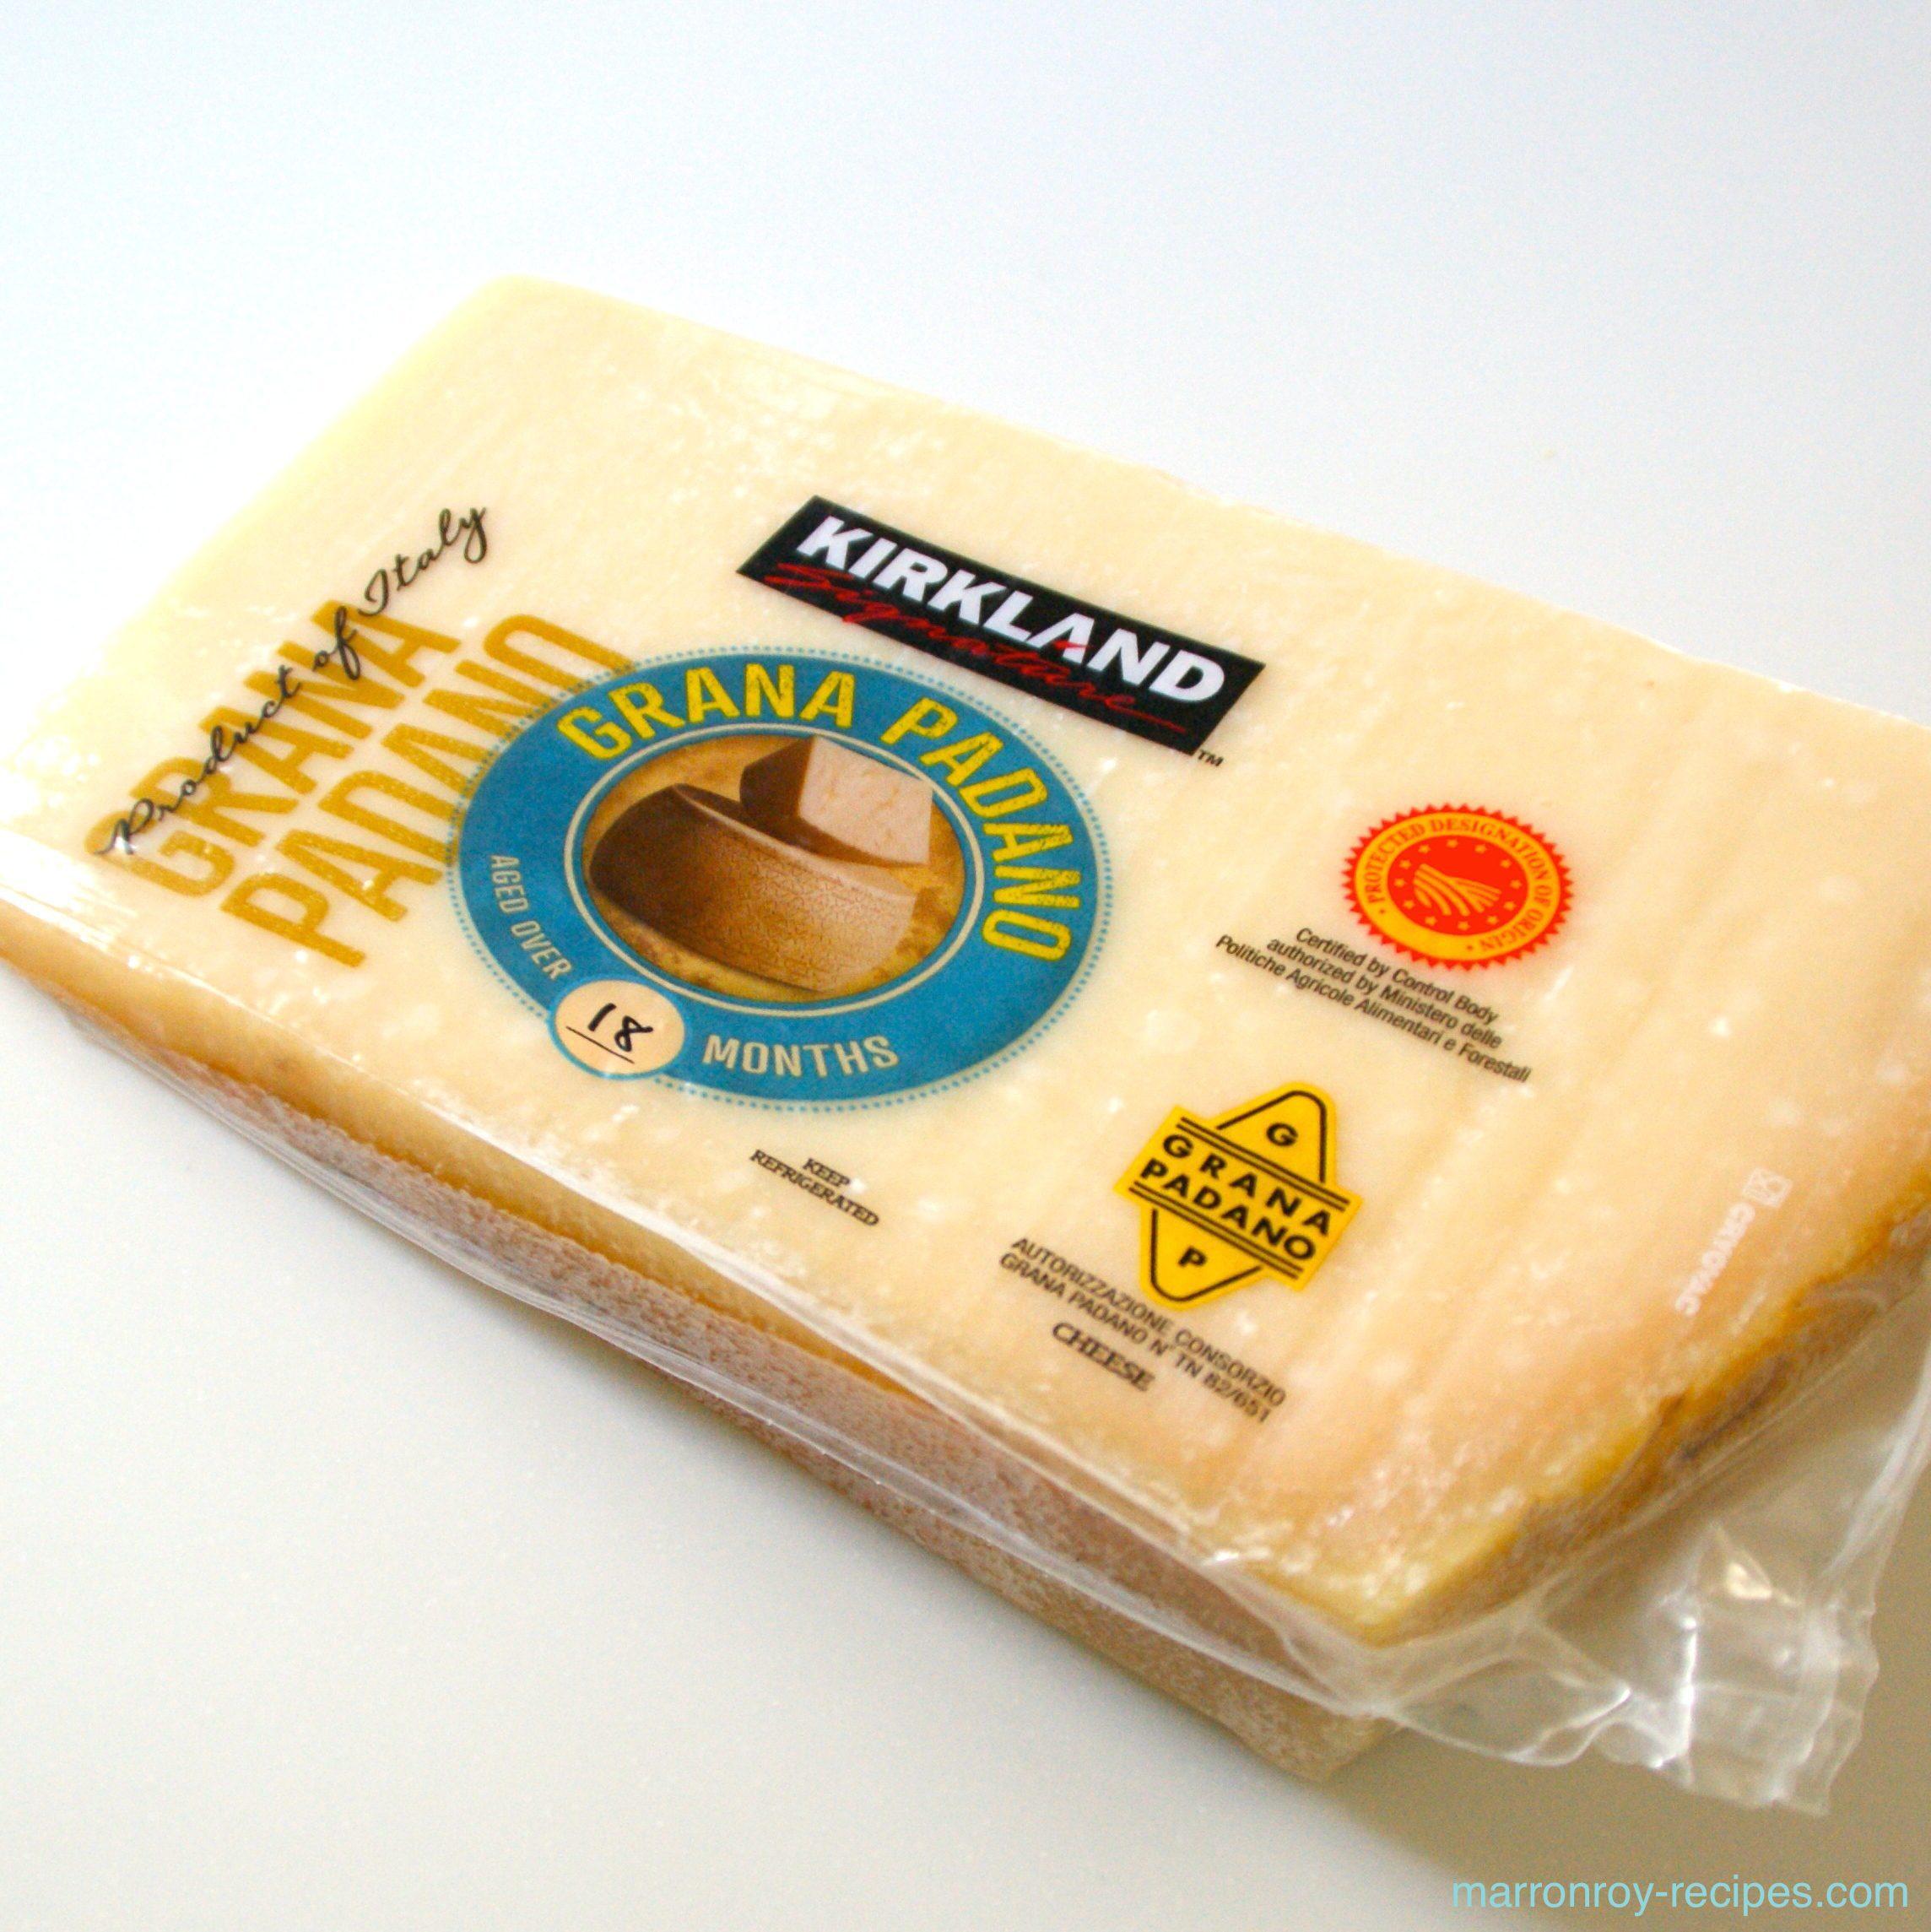 """コストコのハードチーズ""""グラナ・パダーノ""""活用法。ベーコンとサラダほうれん草のパスタ"""